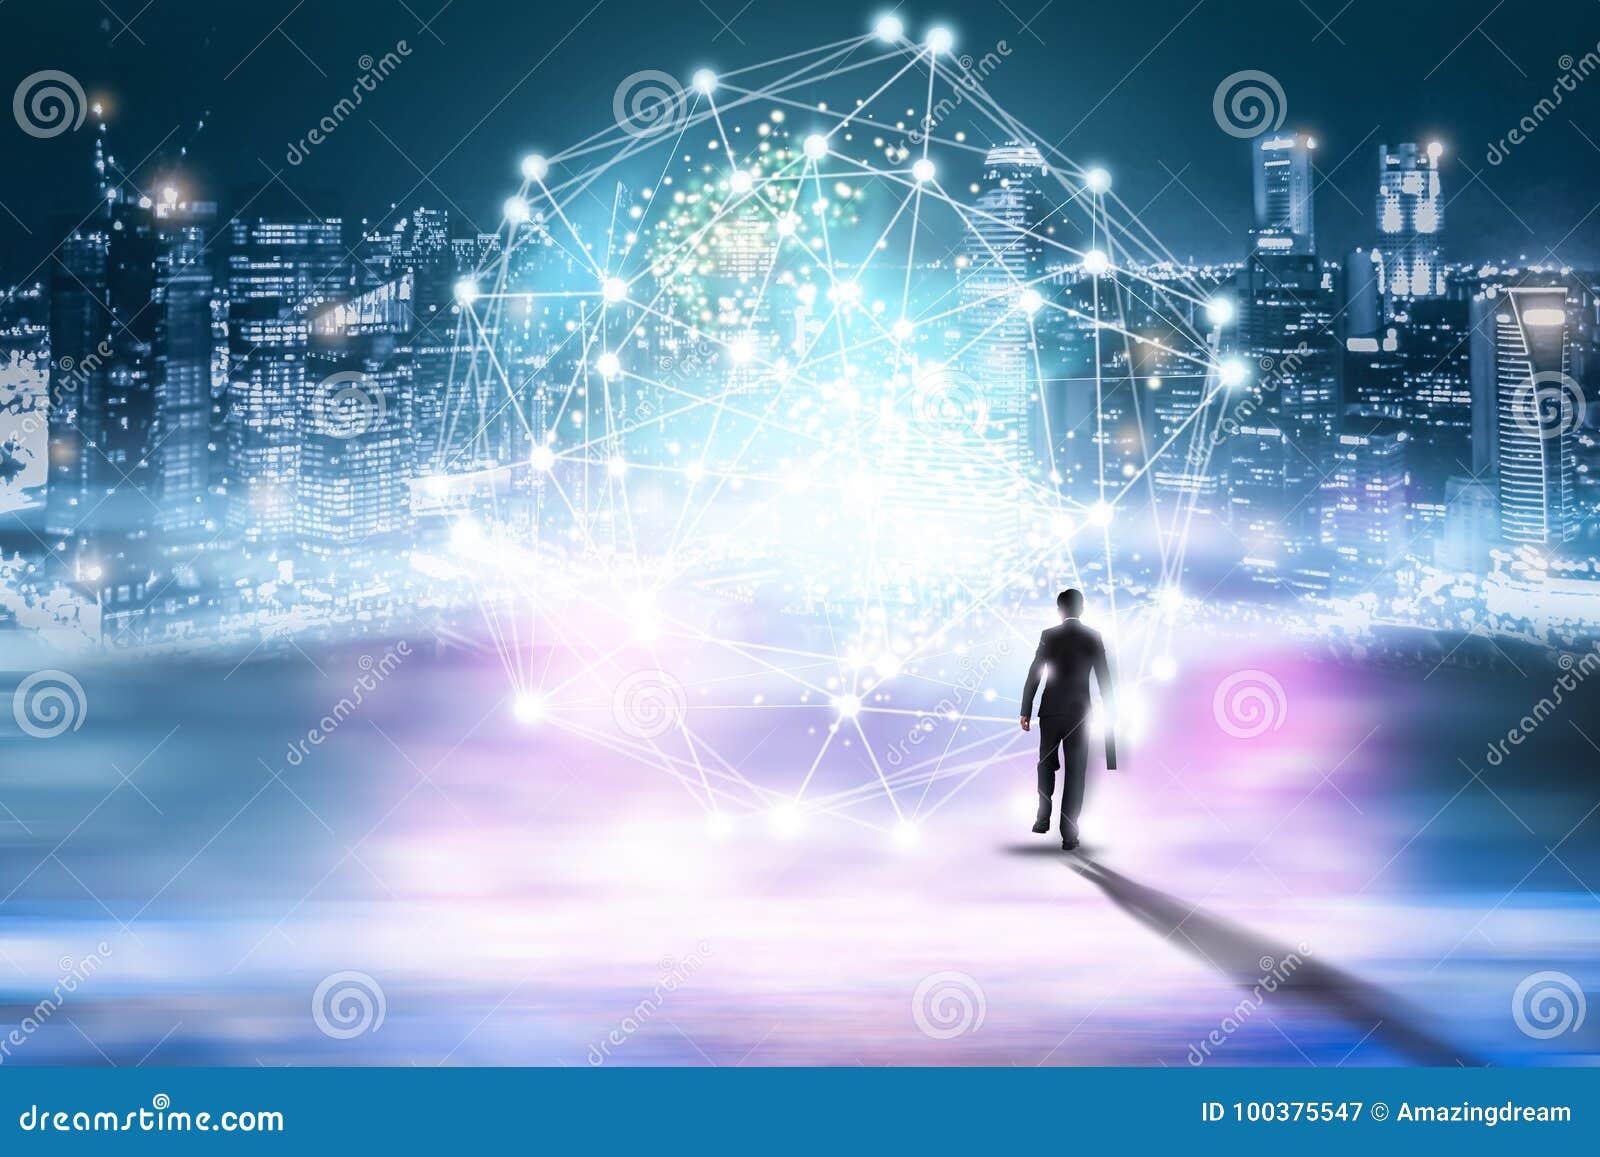 Kreativer abstrakter Technologiehintergrund, innovativ, Idee und futuristisches denkendes Konzept